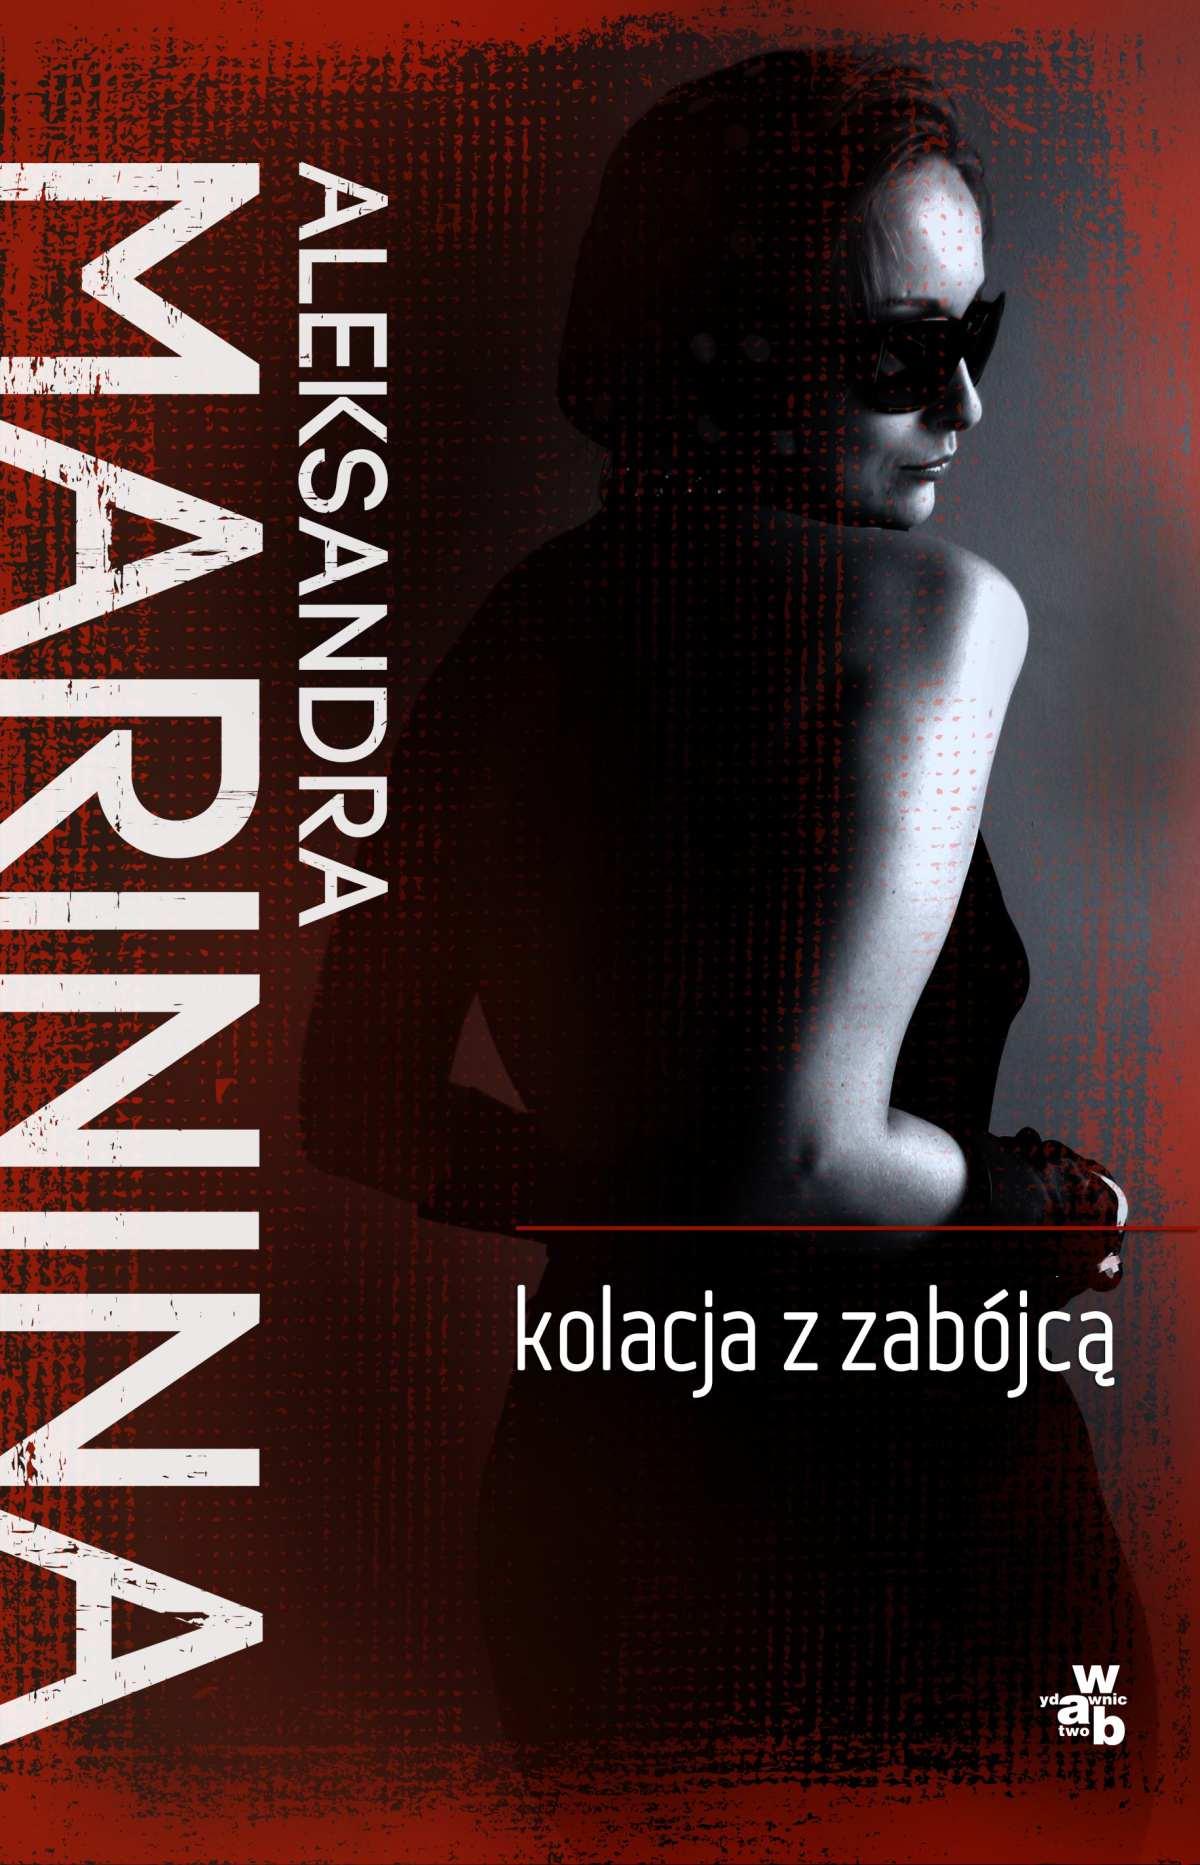 Kolacja z zabójcą - Ebook (Książka na Kindle) do pobrania w formacie MOBI